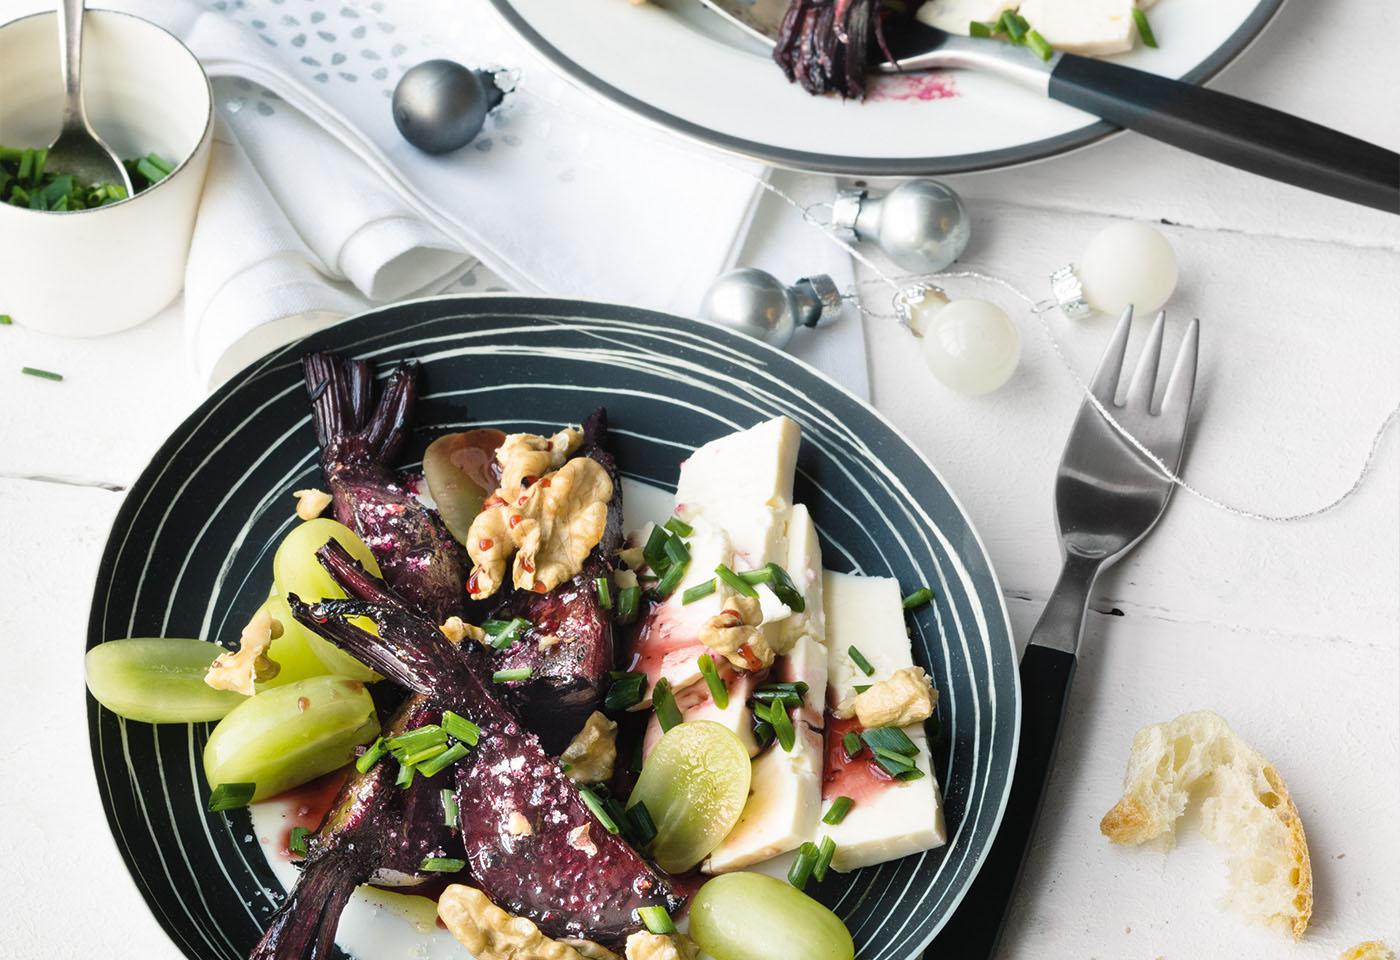 rote r ben salat mit feta waln ssen und weintrauben frisch gekocht. Black Bedroom Furniture Sets. Home Design Ideas